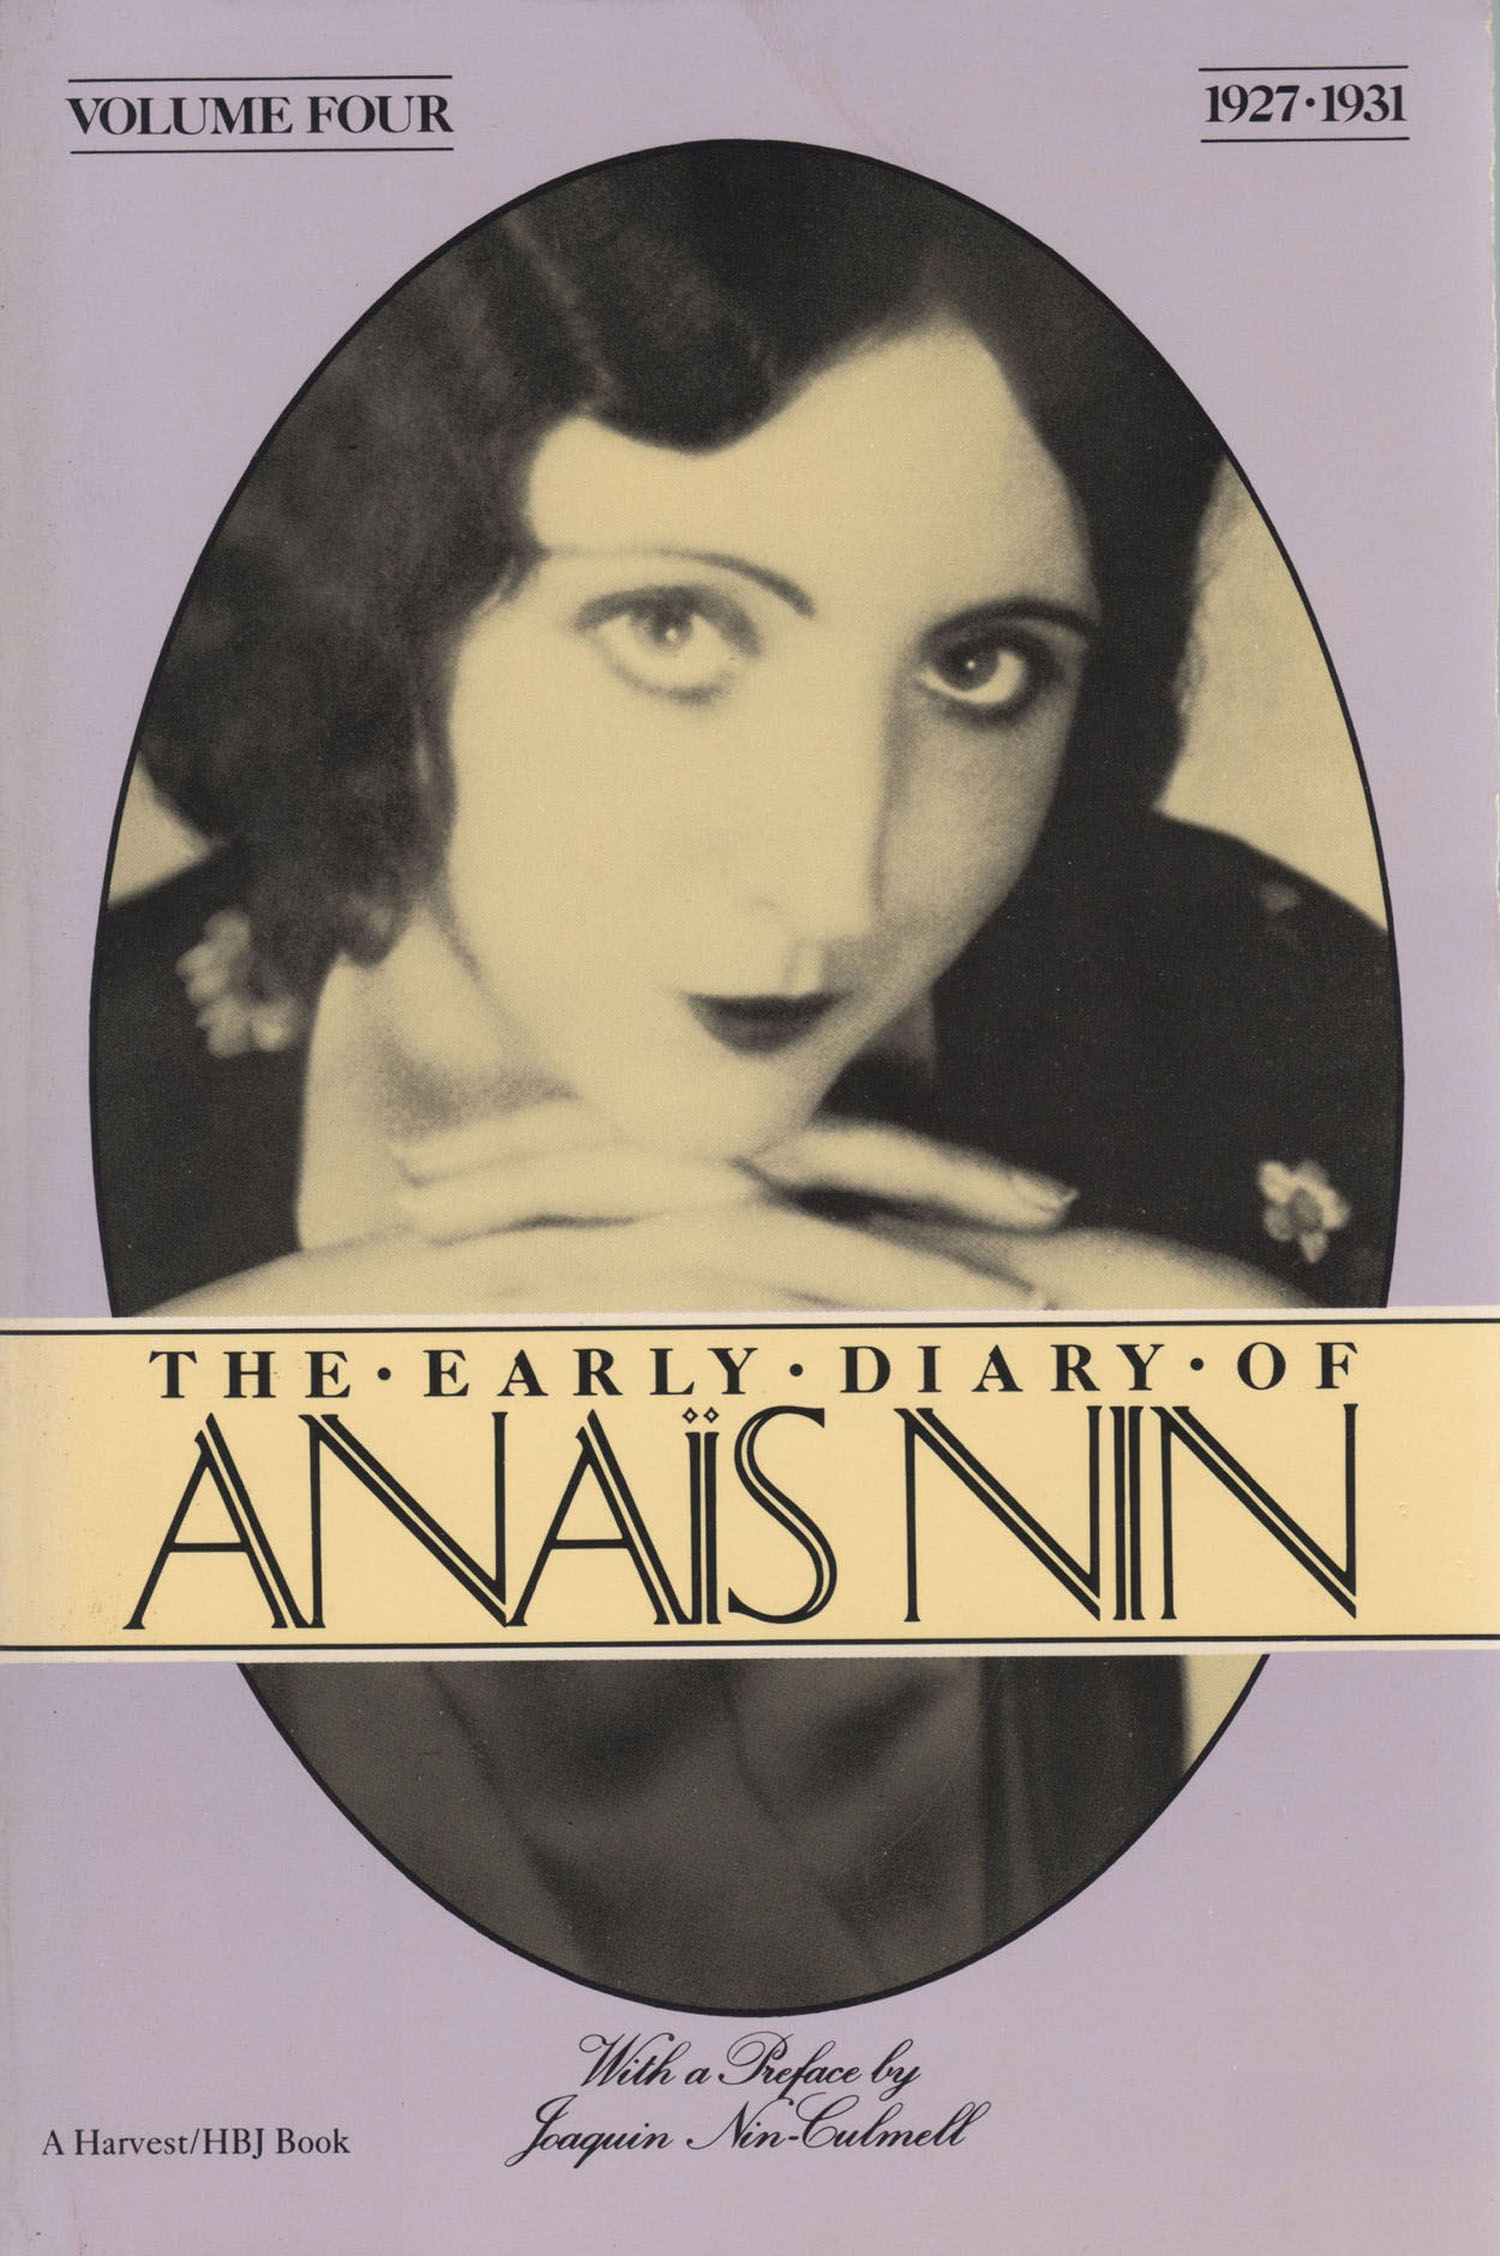 The Early Diary of Anais Nin Volume Four